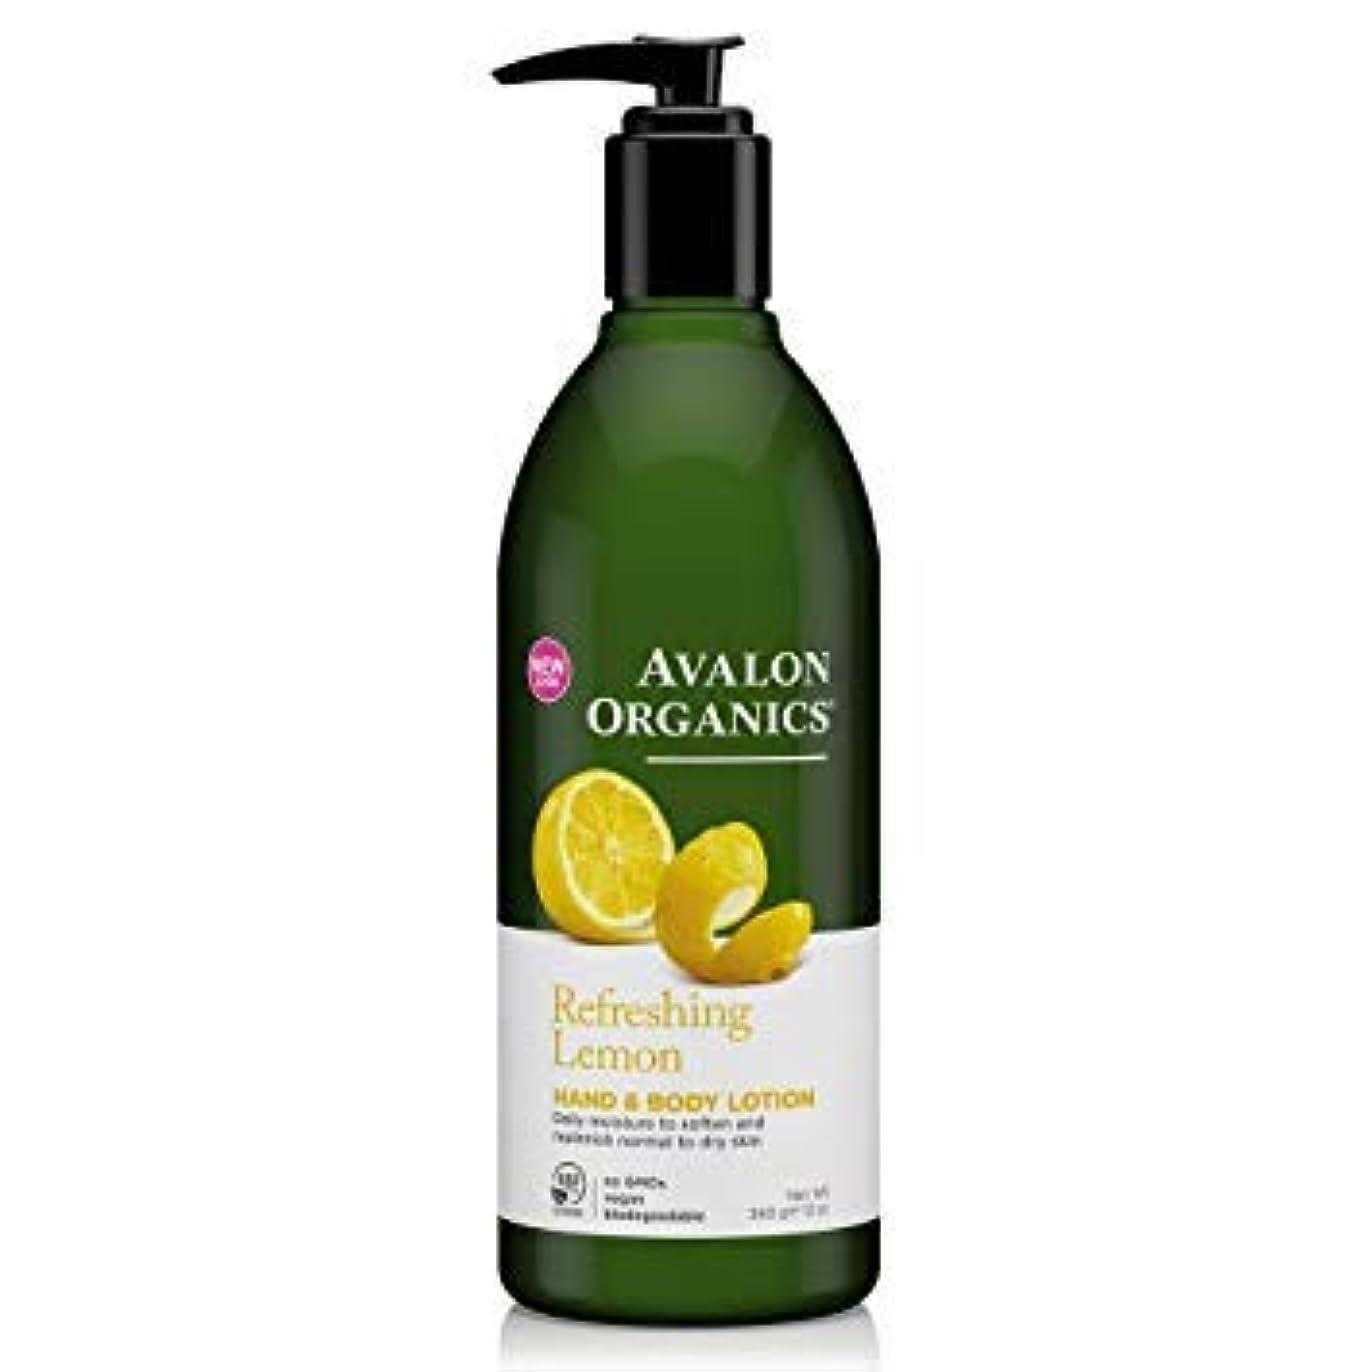 安心させる白雪姫寄託Avalon Organics Lemon Hand & Body Lotion 340g (Pack of 2) - (Avalon) レモンハンド&ボディローション340グラム (x2) [並行輸入品]